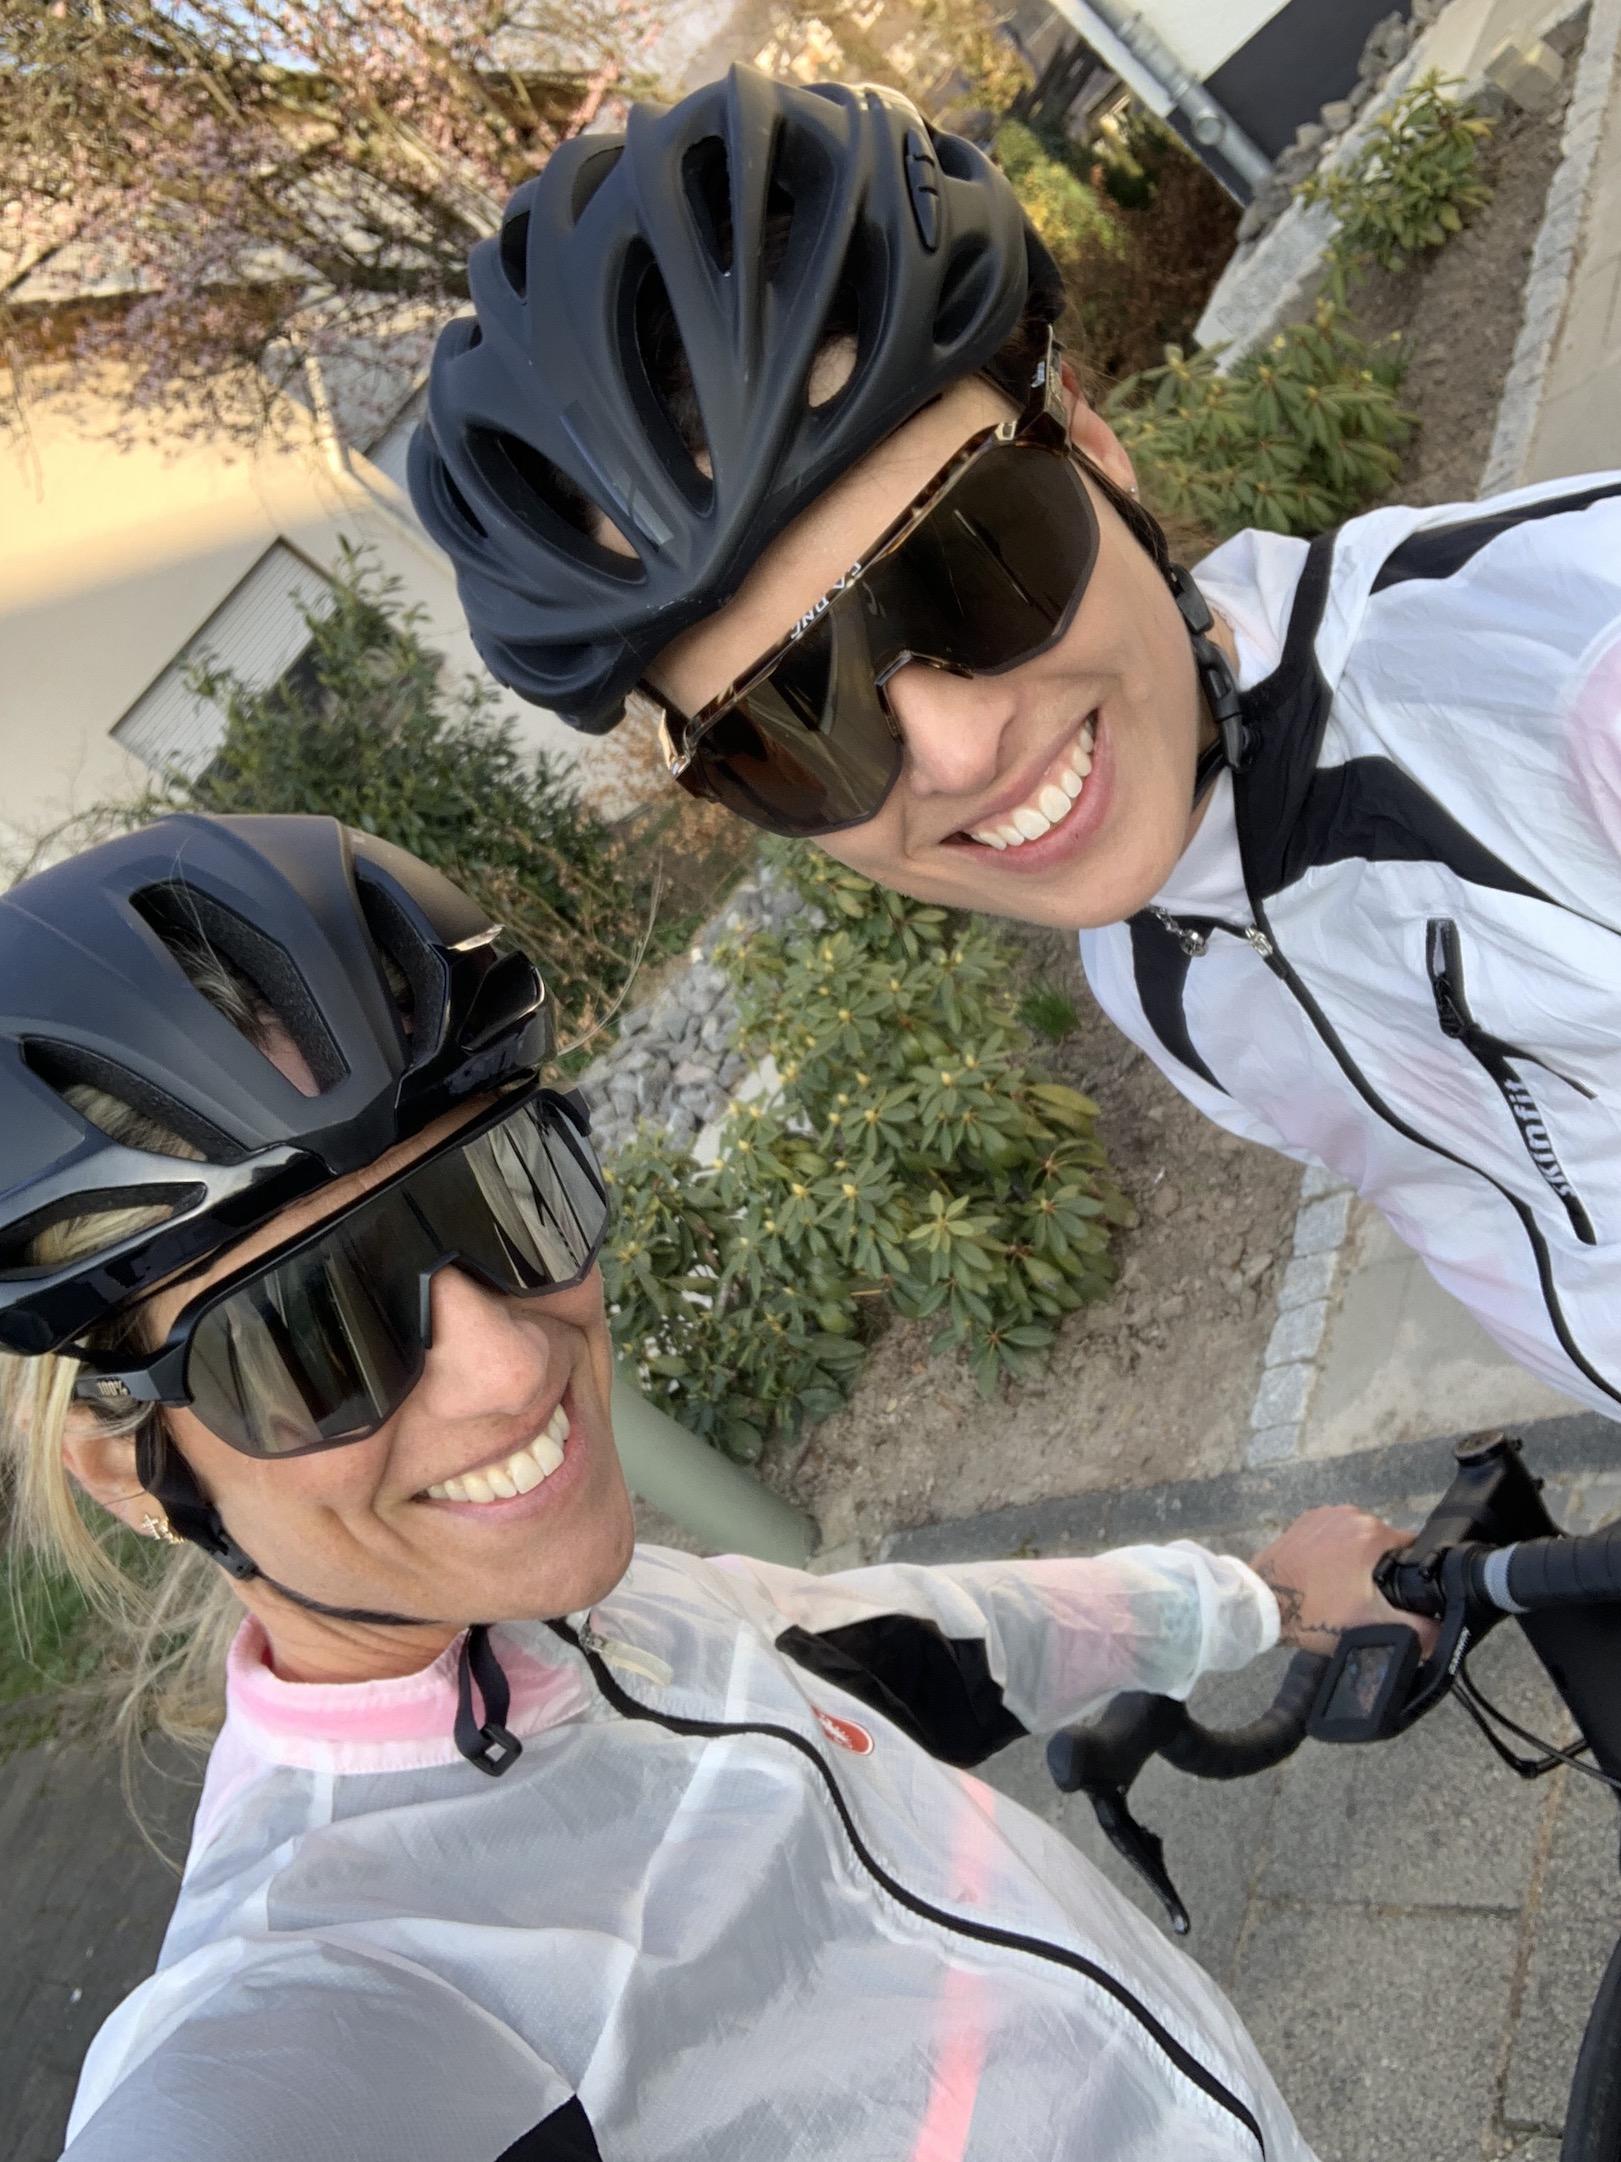 Gemeinsam statt einsam trainieren - danke an meine Freundin Nine Boller für die schöne Ausfahrt